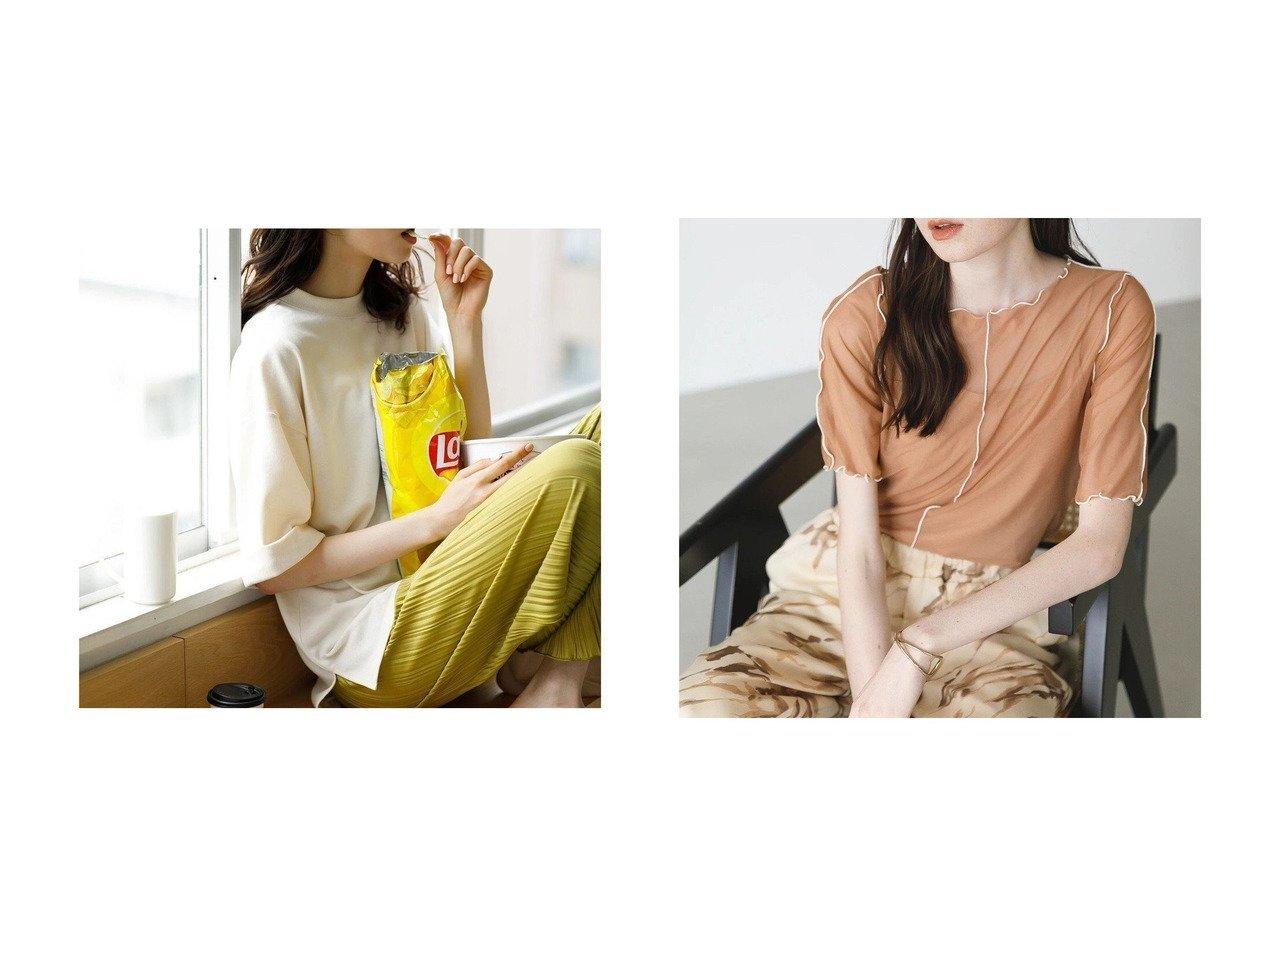 【KOE/コエ】のSETシアーチュールプルオーバー&キャミソール&ミニ裏毛モックネック半袖Tシャツ おすすめ!人気、トレンド・レディースファッションの通販 おすすめで人気の流行・トレンド、ファッションの通販商品 インテリア・家具・メンズファッション・キッズファッション・レディースファッション・服の通販 founy(ファニー) https://founy.com/ ファッション Fashion レディースファッション WOMEN トップス・カットソー Tops/Tshirt シャツ/ブラウス Shirts/Blouses ロング / Tシャツ T-Shirts カットソー Cut and Sewn キャミソール / ノースリーブ No Sleeves プルオーバー Pullover 送料無料 Free Shipping カットソー ビッグ モックネック 半袖 インナー キャミソール センター フェミニン  ID:crp329100000062584